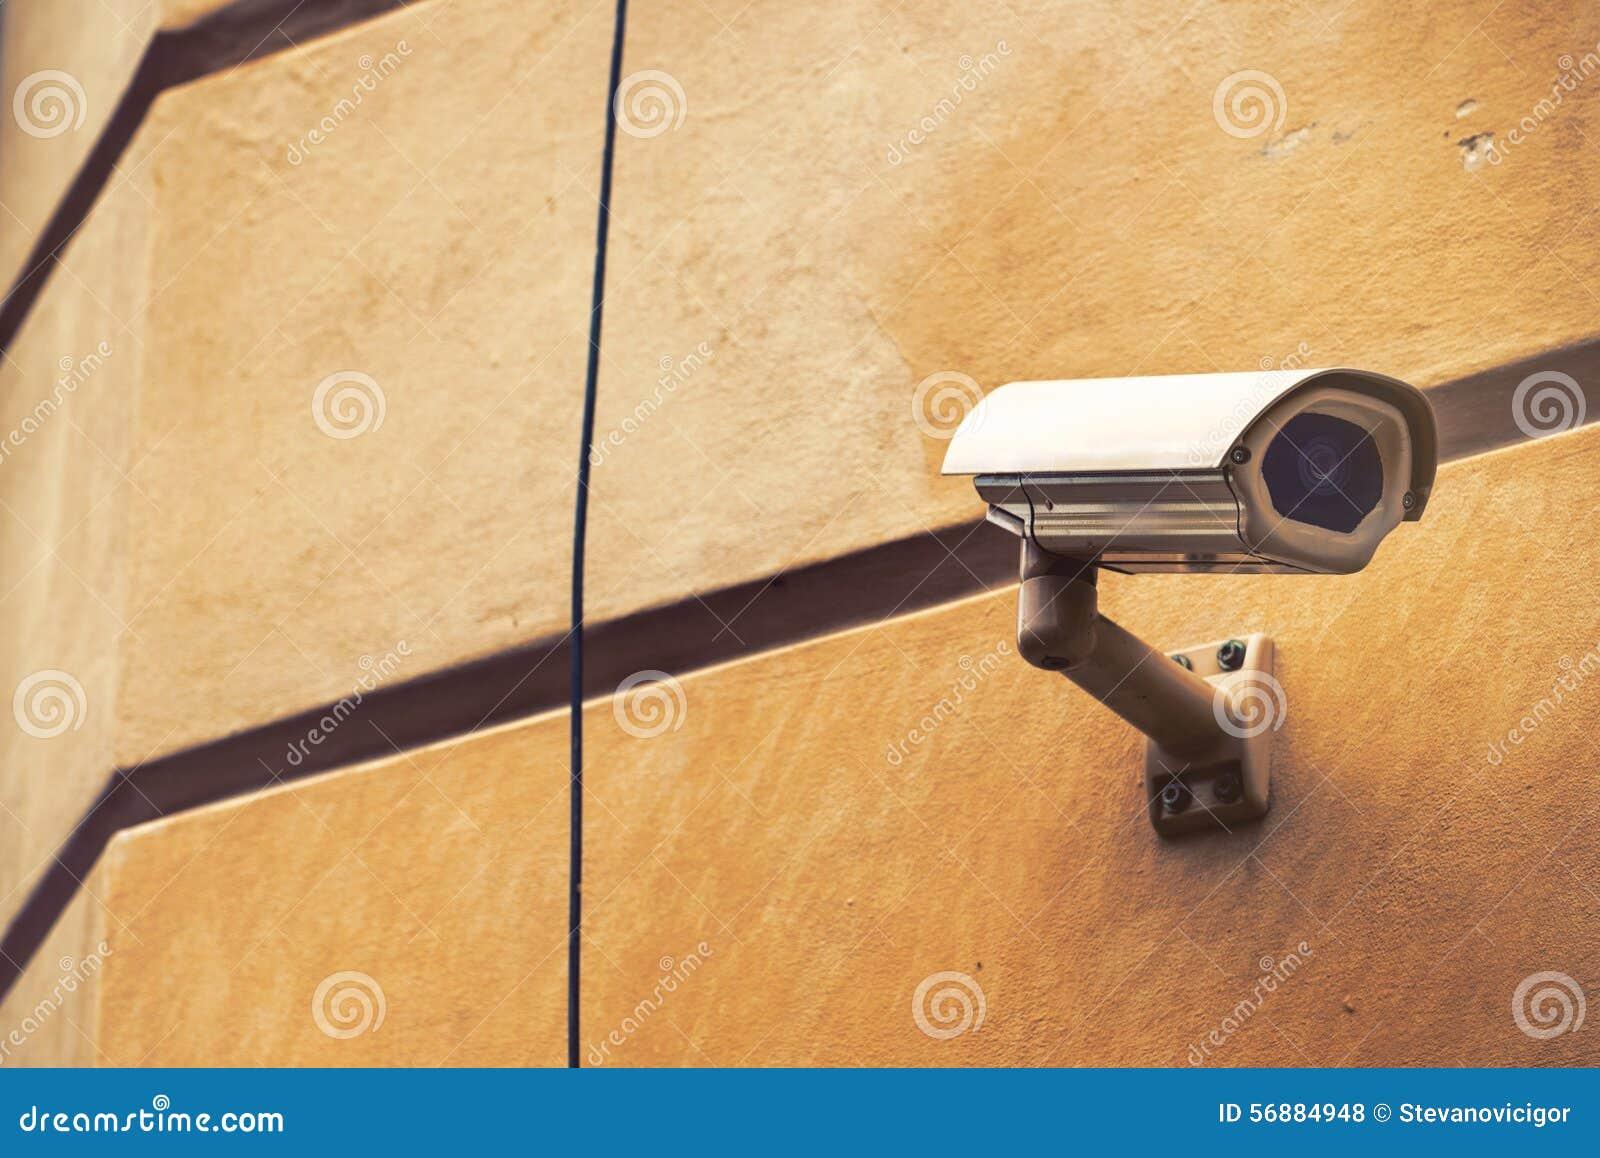 Videocamera di sicurezza del CCTV per sorveglianza della proprietà privata